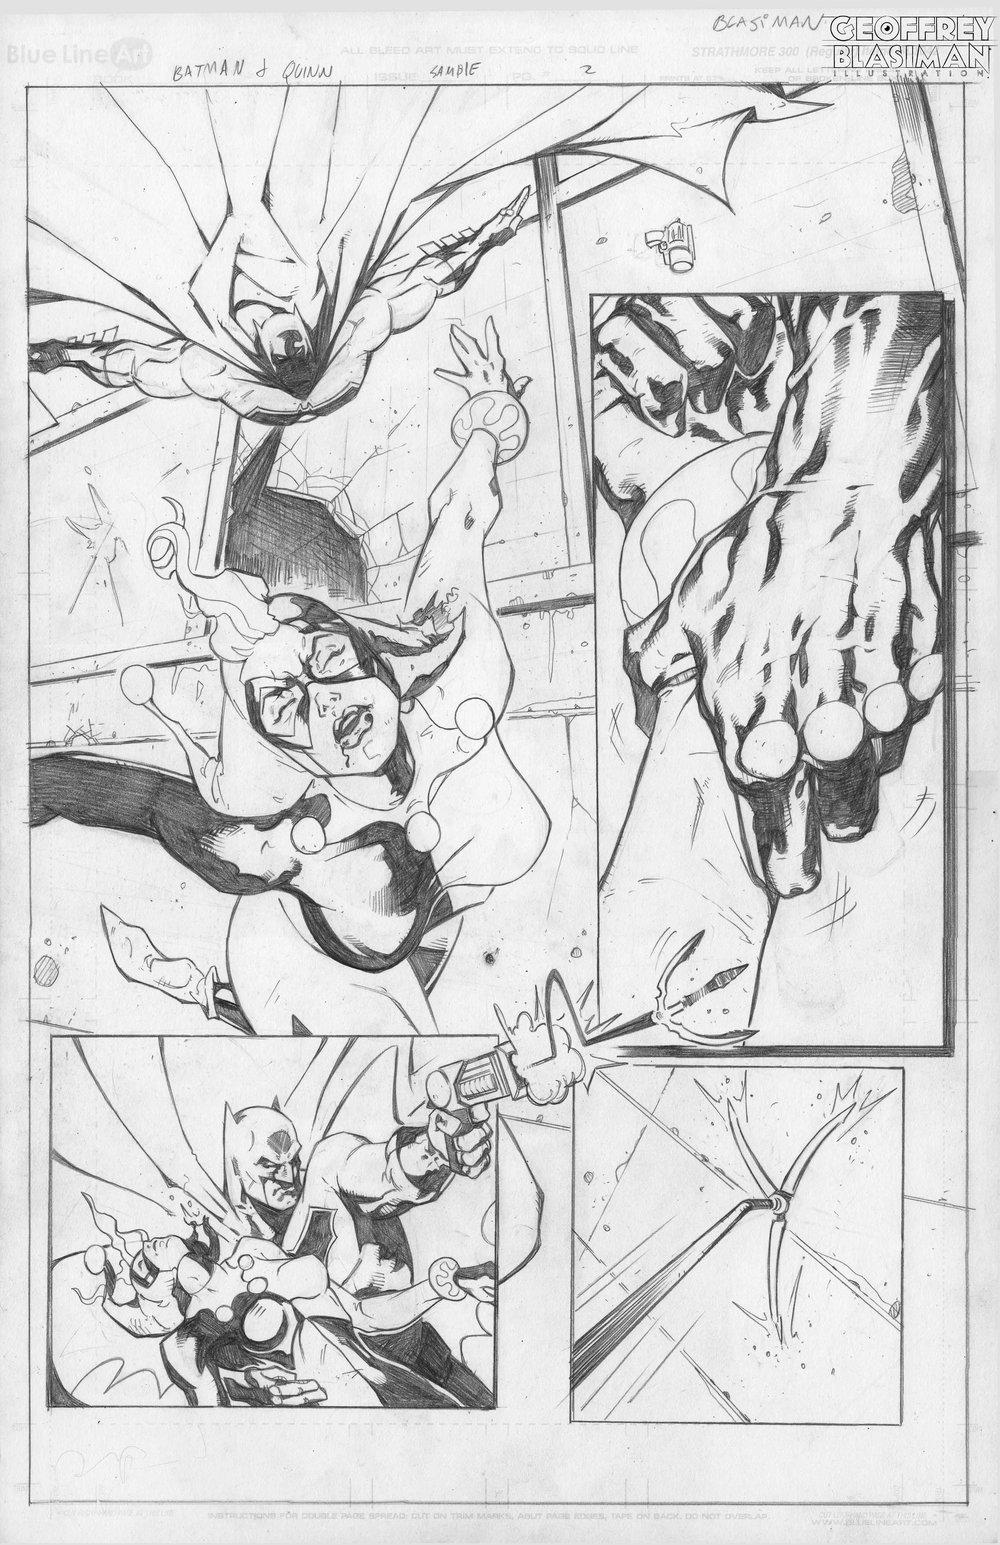 Blasiman_Batman_H_Quinn